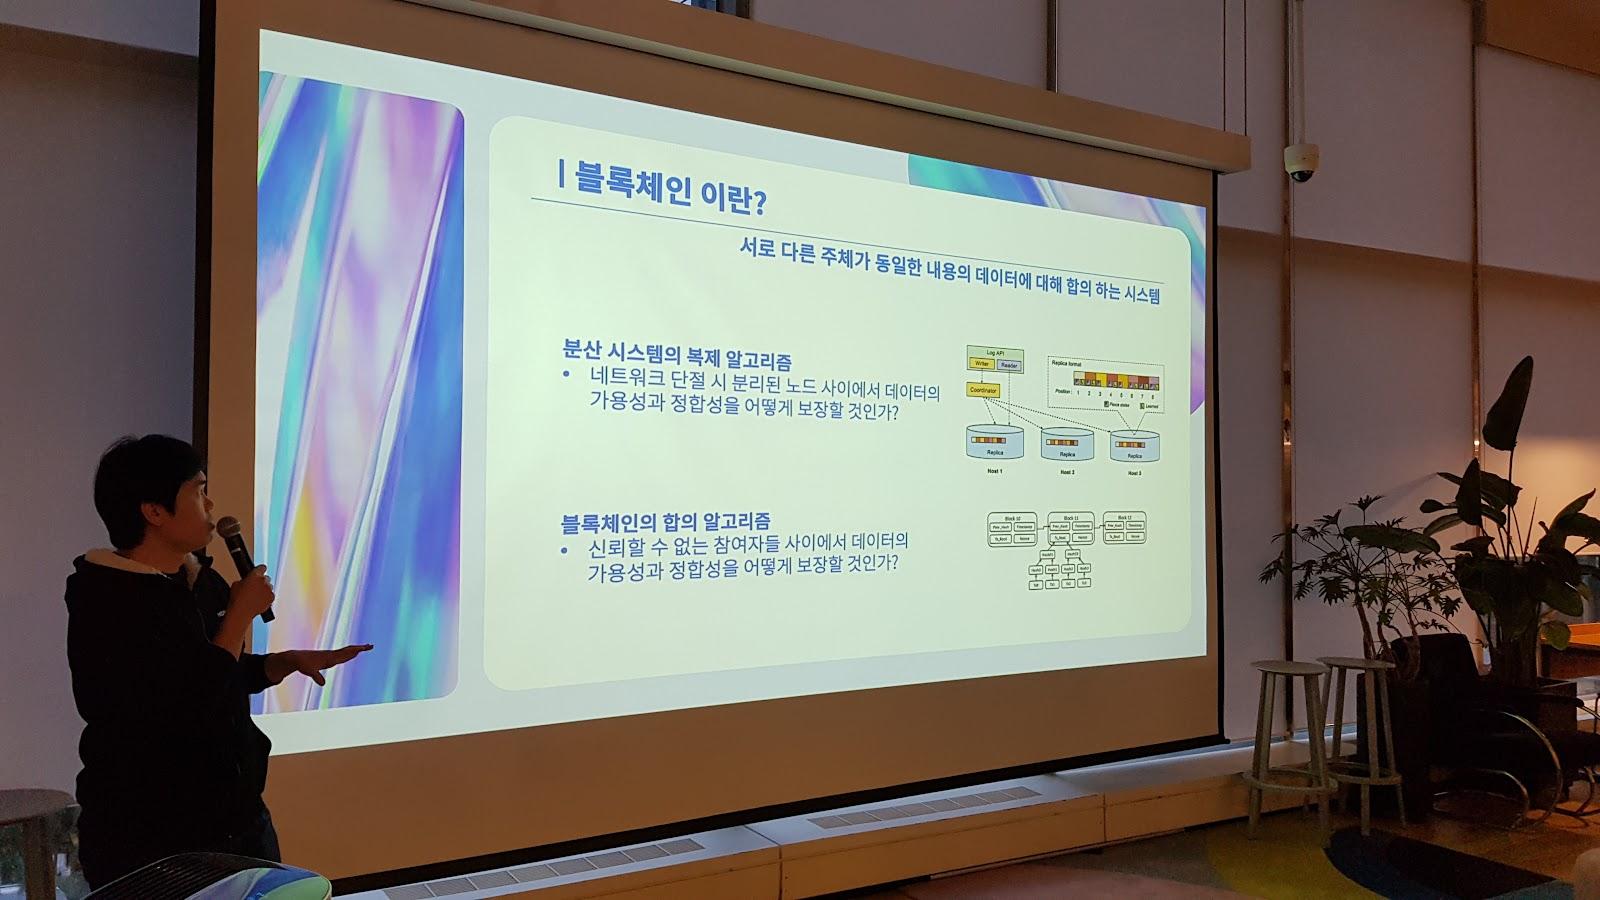 메디블록 데브콘 블록체인 개발 발표